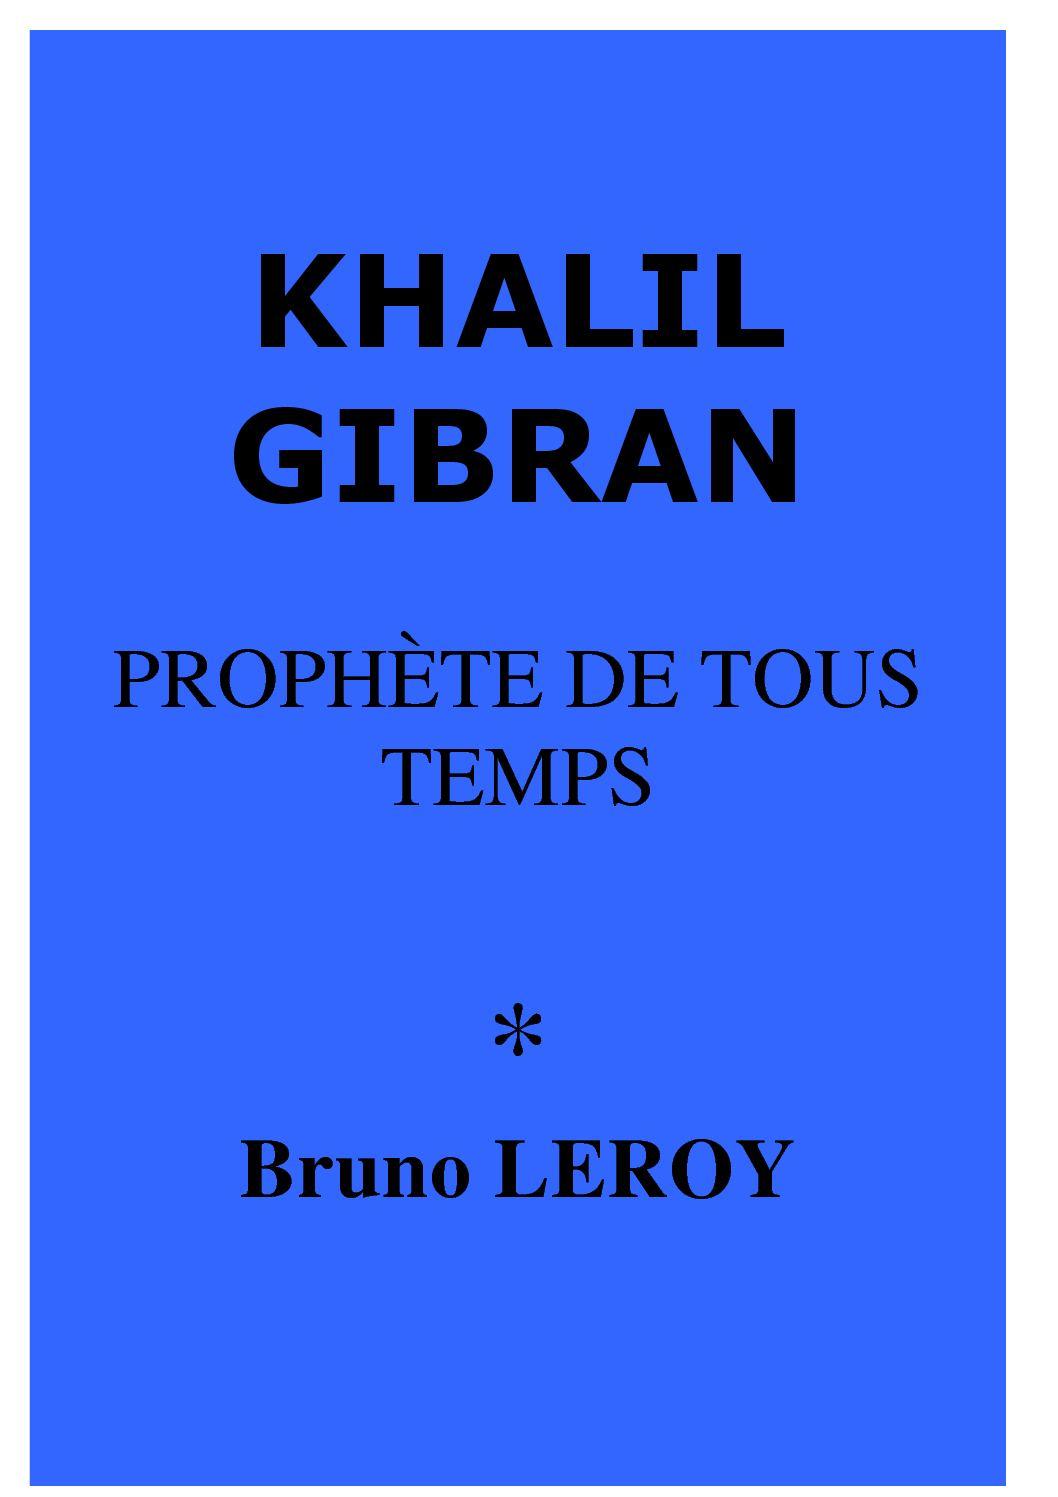 Calaméo Khalil Gibran Prophète De Tous Temps Par Bruno Leroy